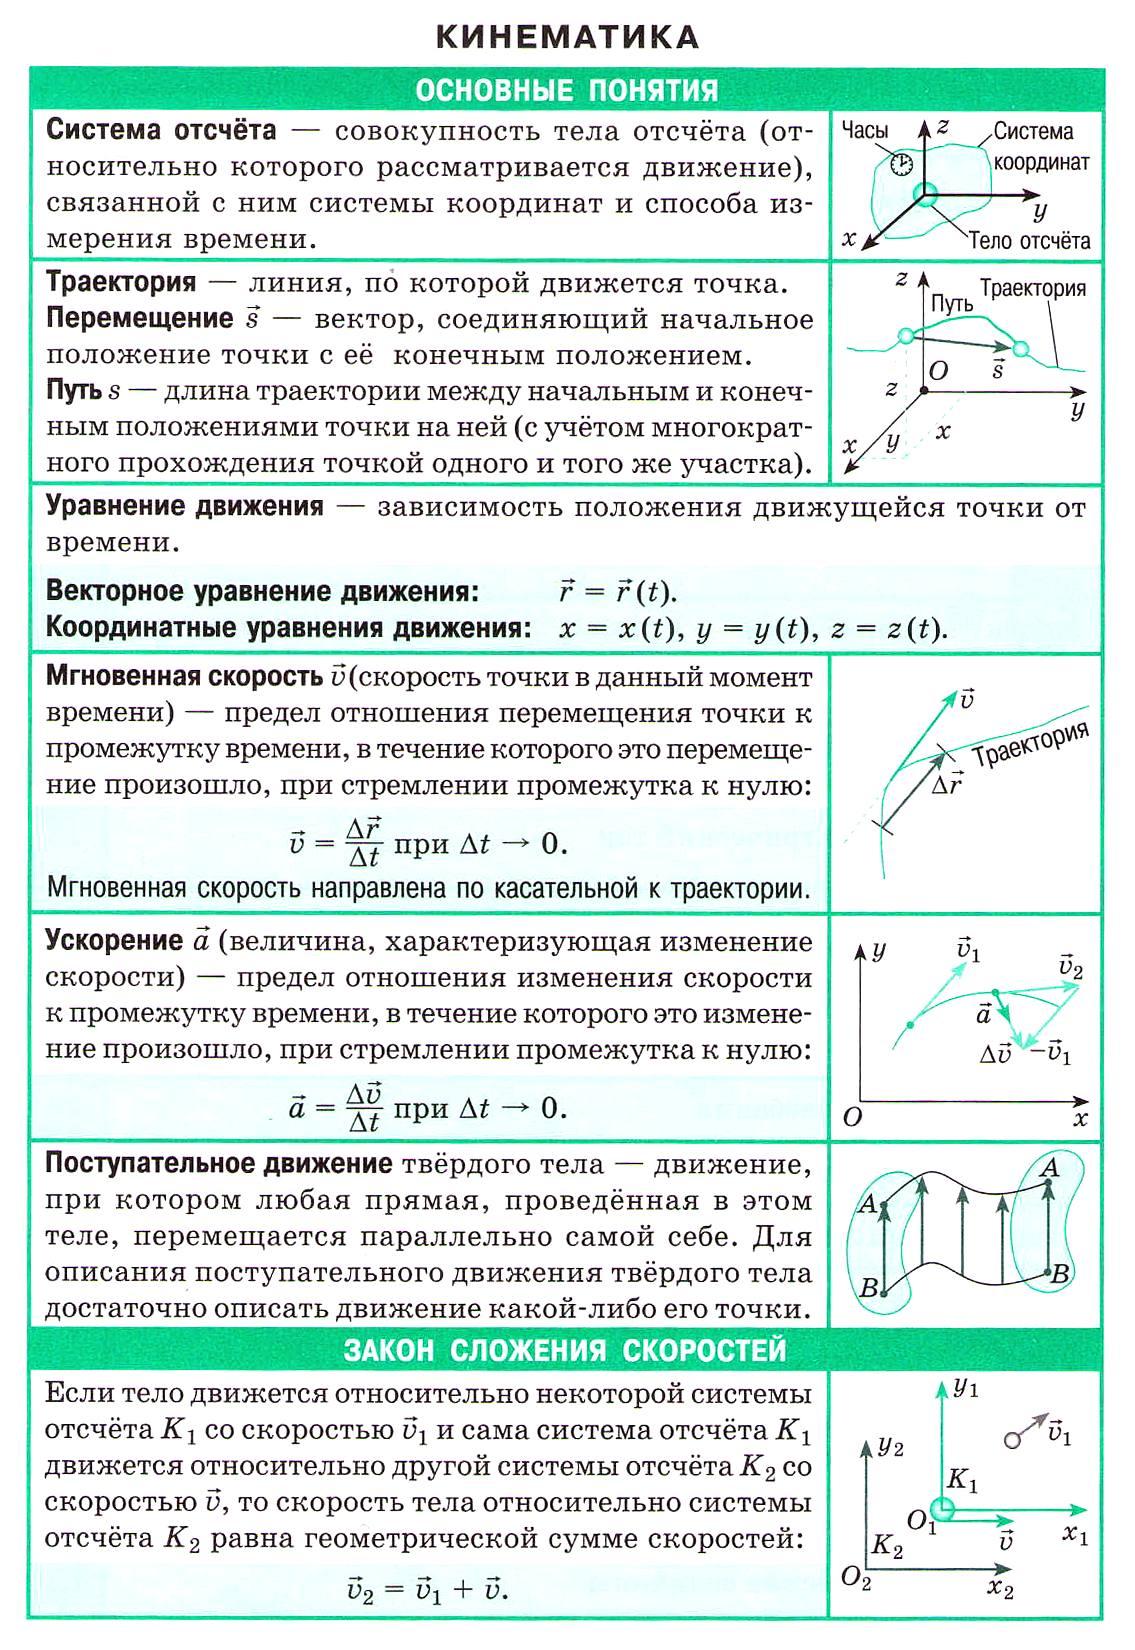 кинематика-1